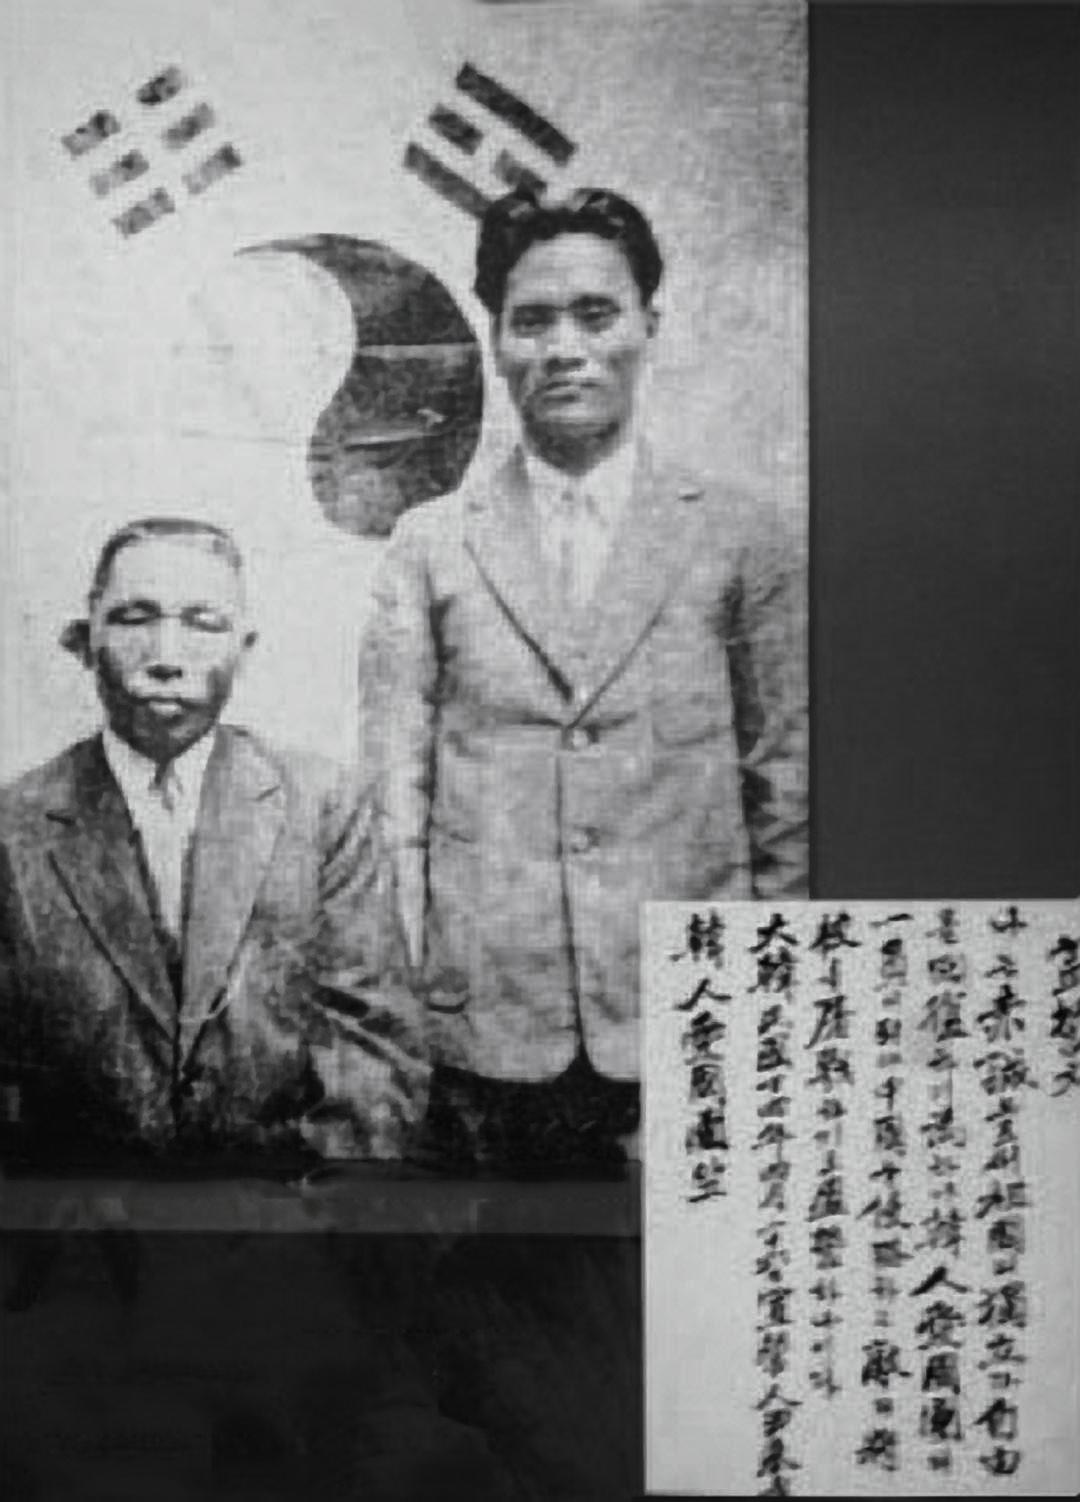 1932년 4월 대한민국임시정부 김구 주석(1876∼1949)과 윤봉길 의사(1928∼1932)가 항일 거사를 앞두고 기념사진을 찍을 때 걸었던 태극기. 윤봉길 의사는 이 사진을 찍은 후 4월 29일 중국 상해에서 열린 일왕의 생일기념 행사장에서 폭탄을 투척했다.윤봉길 의사의 이 거사는 전 세계의 이목을 집중시켰고 이를 계기로 대한민국임시정부가 독립운동의 구심체역할을 수행하게 되었다.